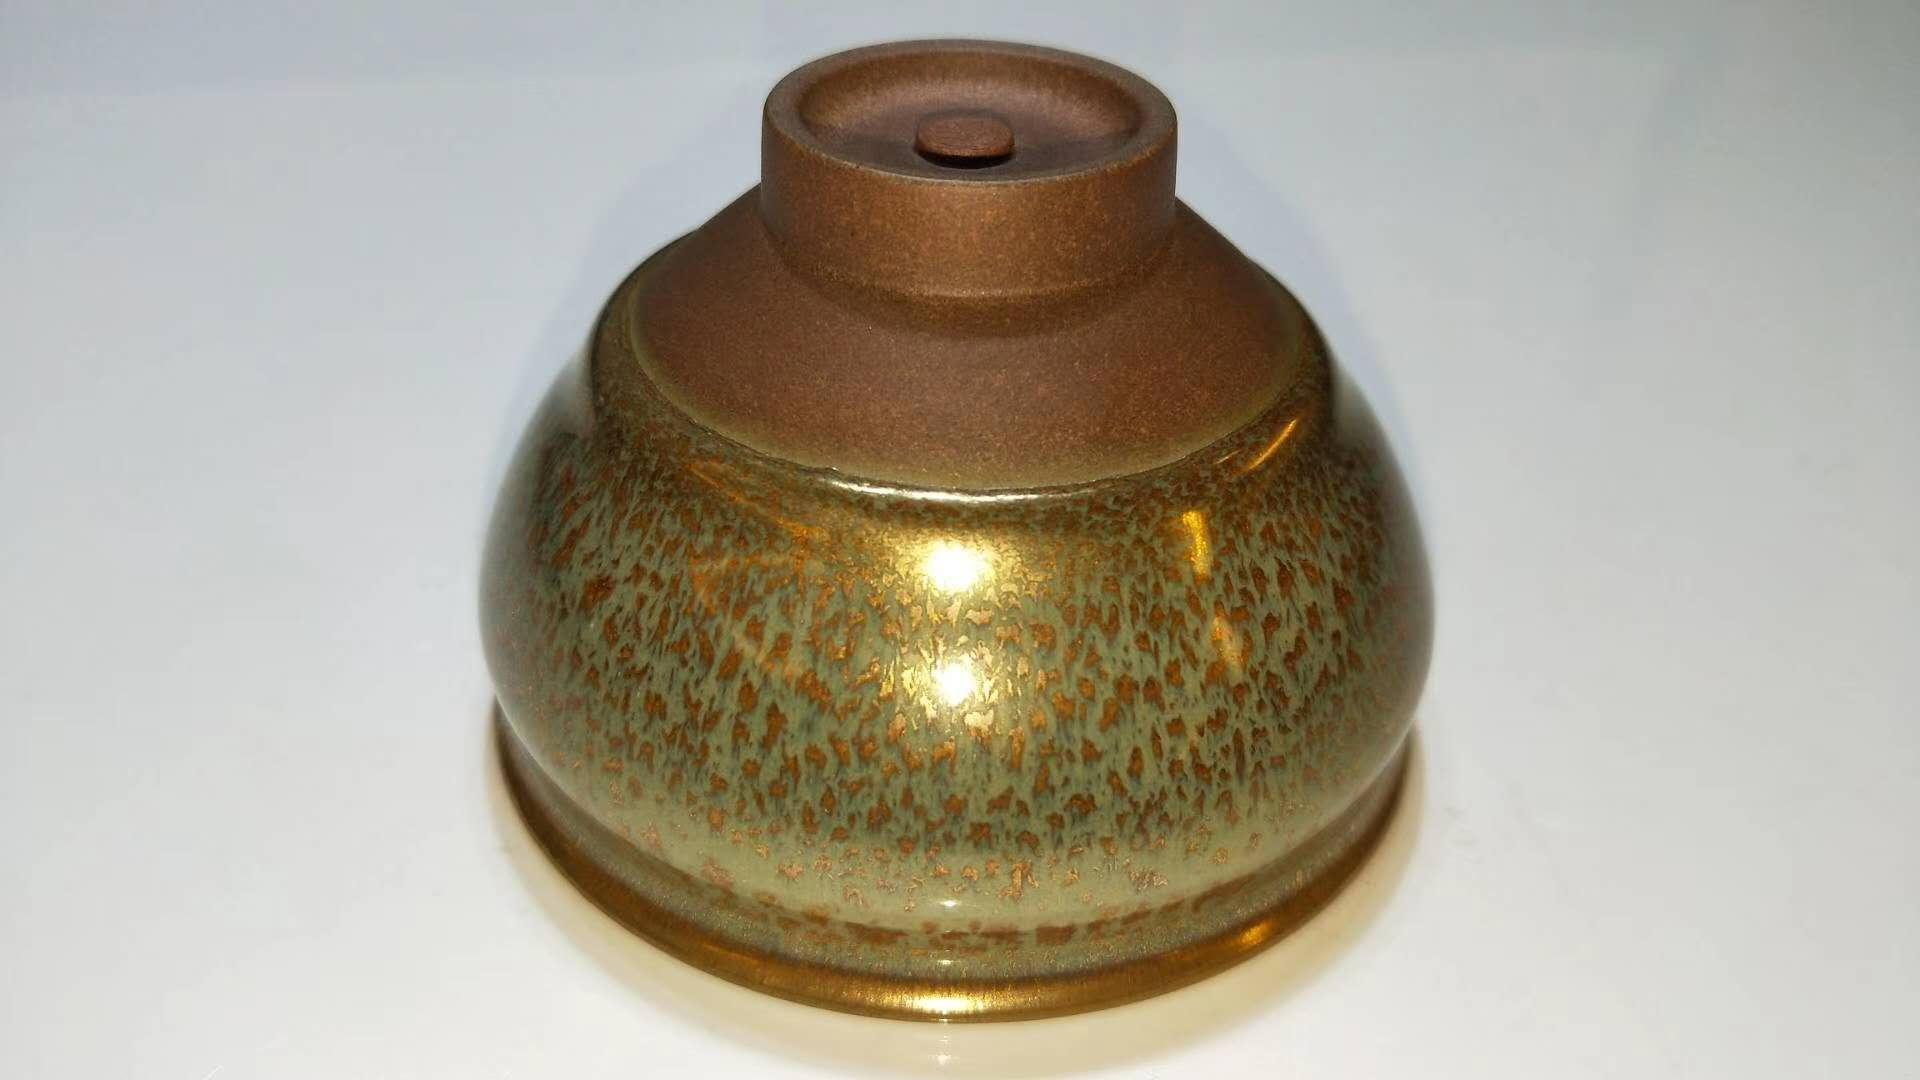 建盏跨界匠人范泽锋的建盏有收藏价值吗